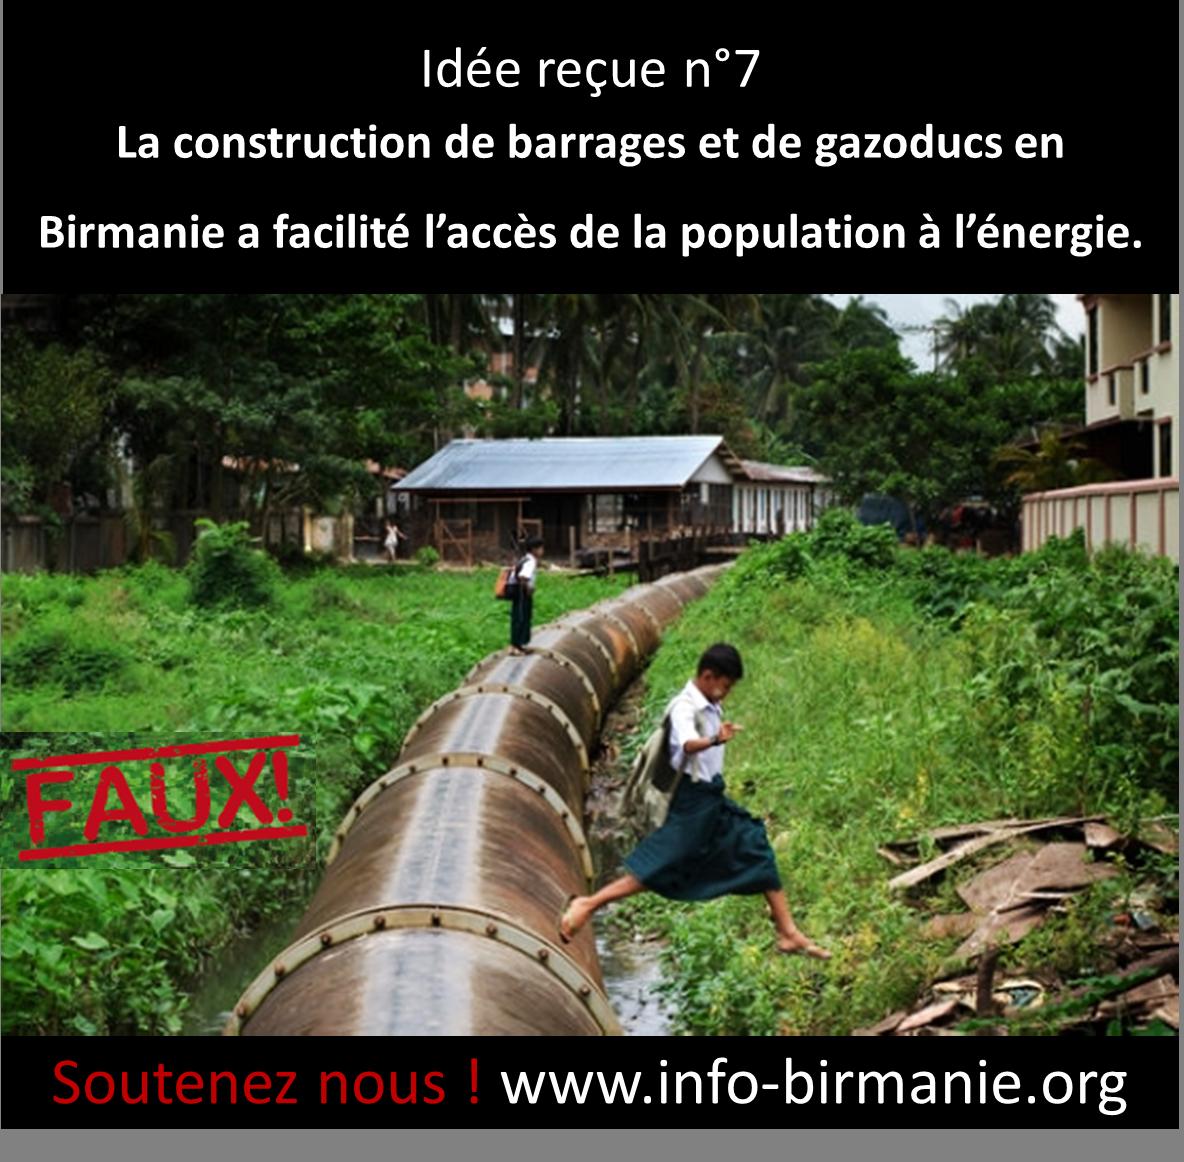 Idée reçue n°7: La construction de barrages et de gazoducs en Birmanie a facilité l'accès de la population à l'énergie.